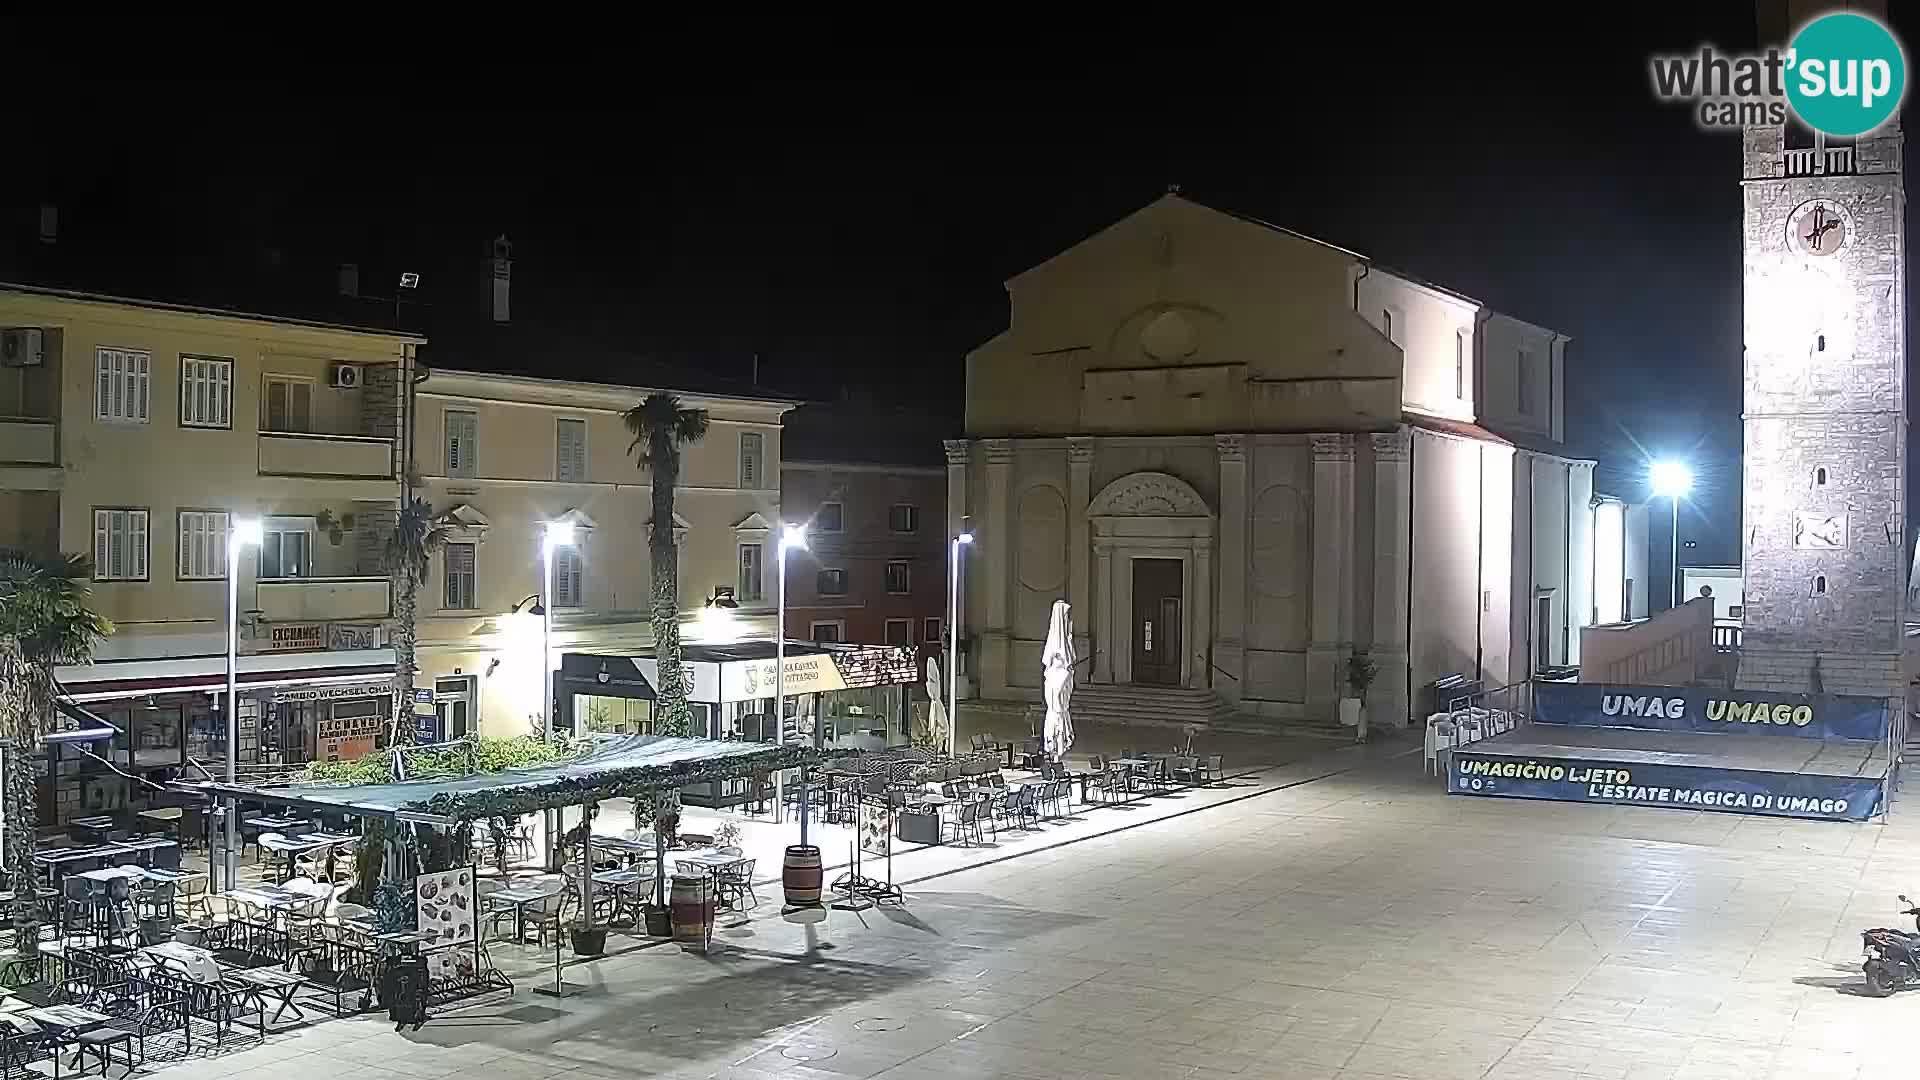 Place principale Umag livecam